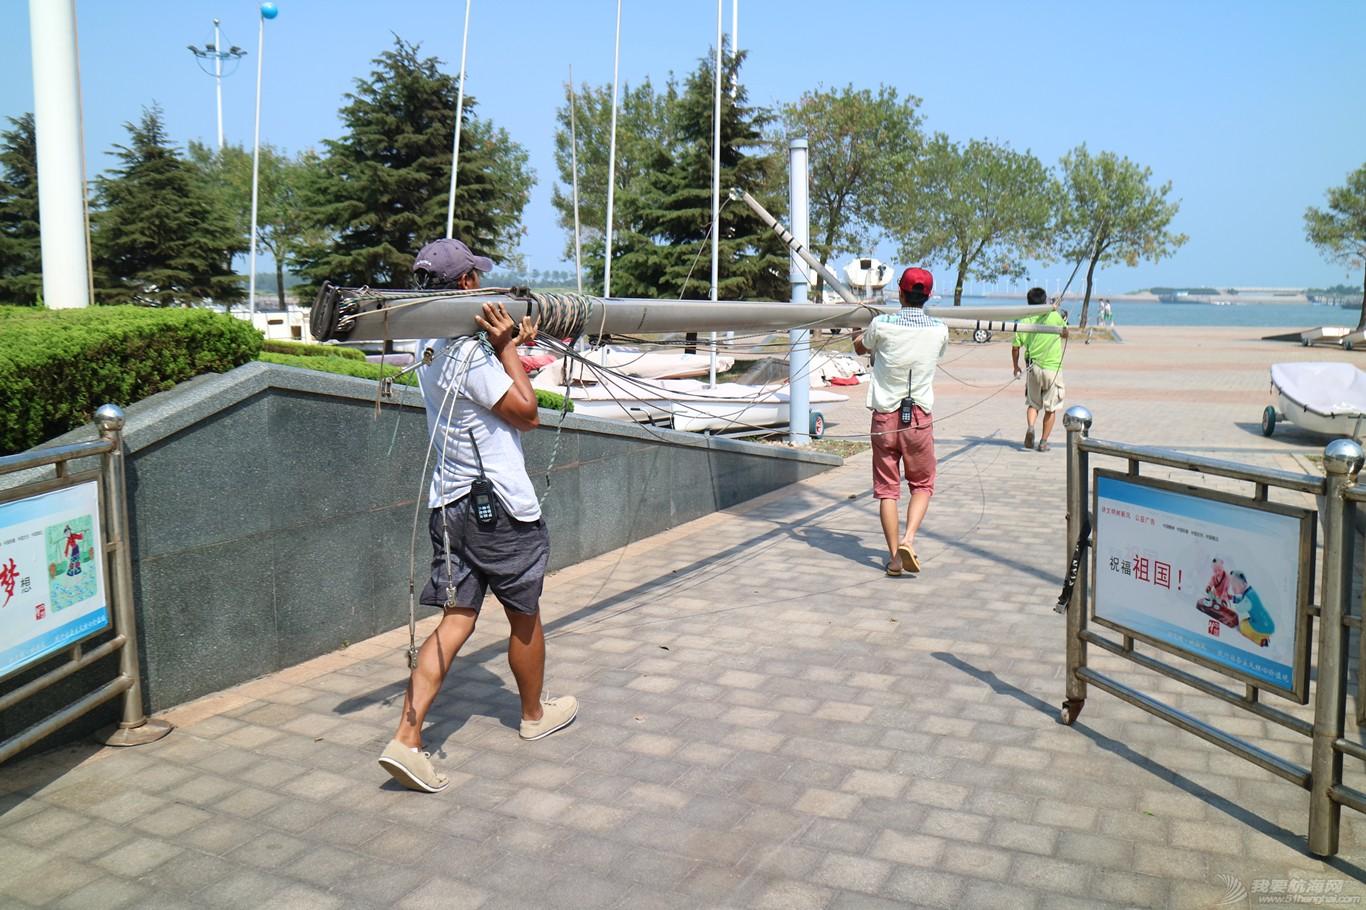 【公益航海志愿者日记@日照】Day34-小别两日返回日照。今日刷船底漆,安装桅杆 IMG_5794_副本.jpg